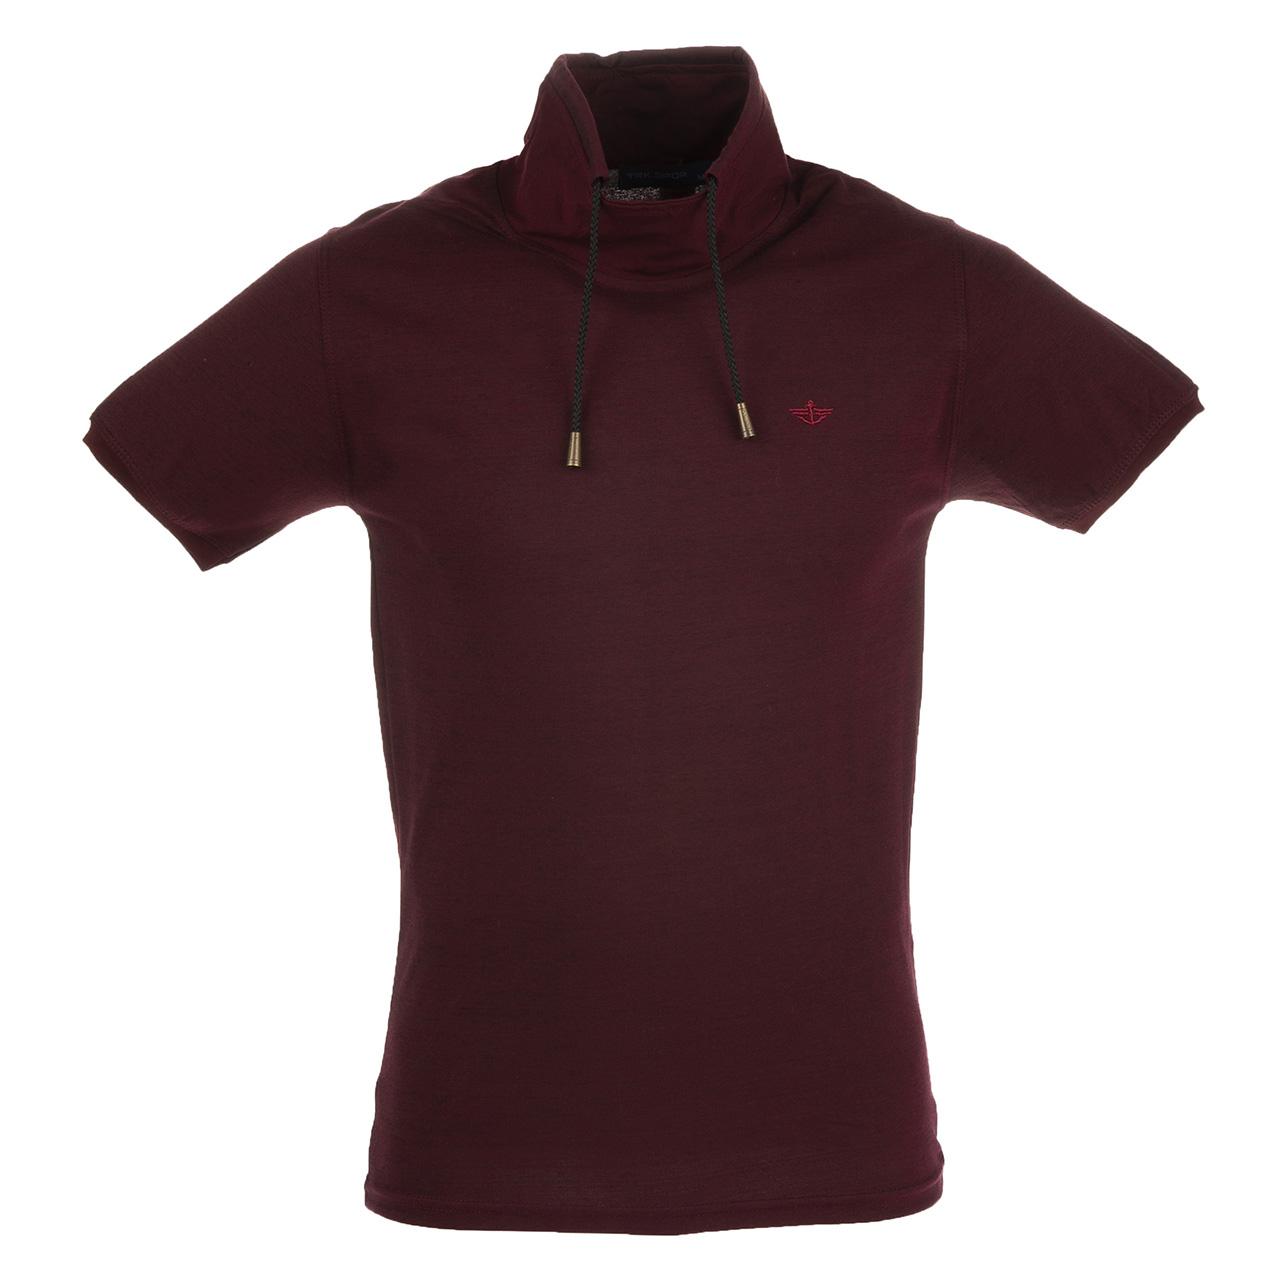 تی شرت آستین کوتاه مردانه تارکان کد 285-4